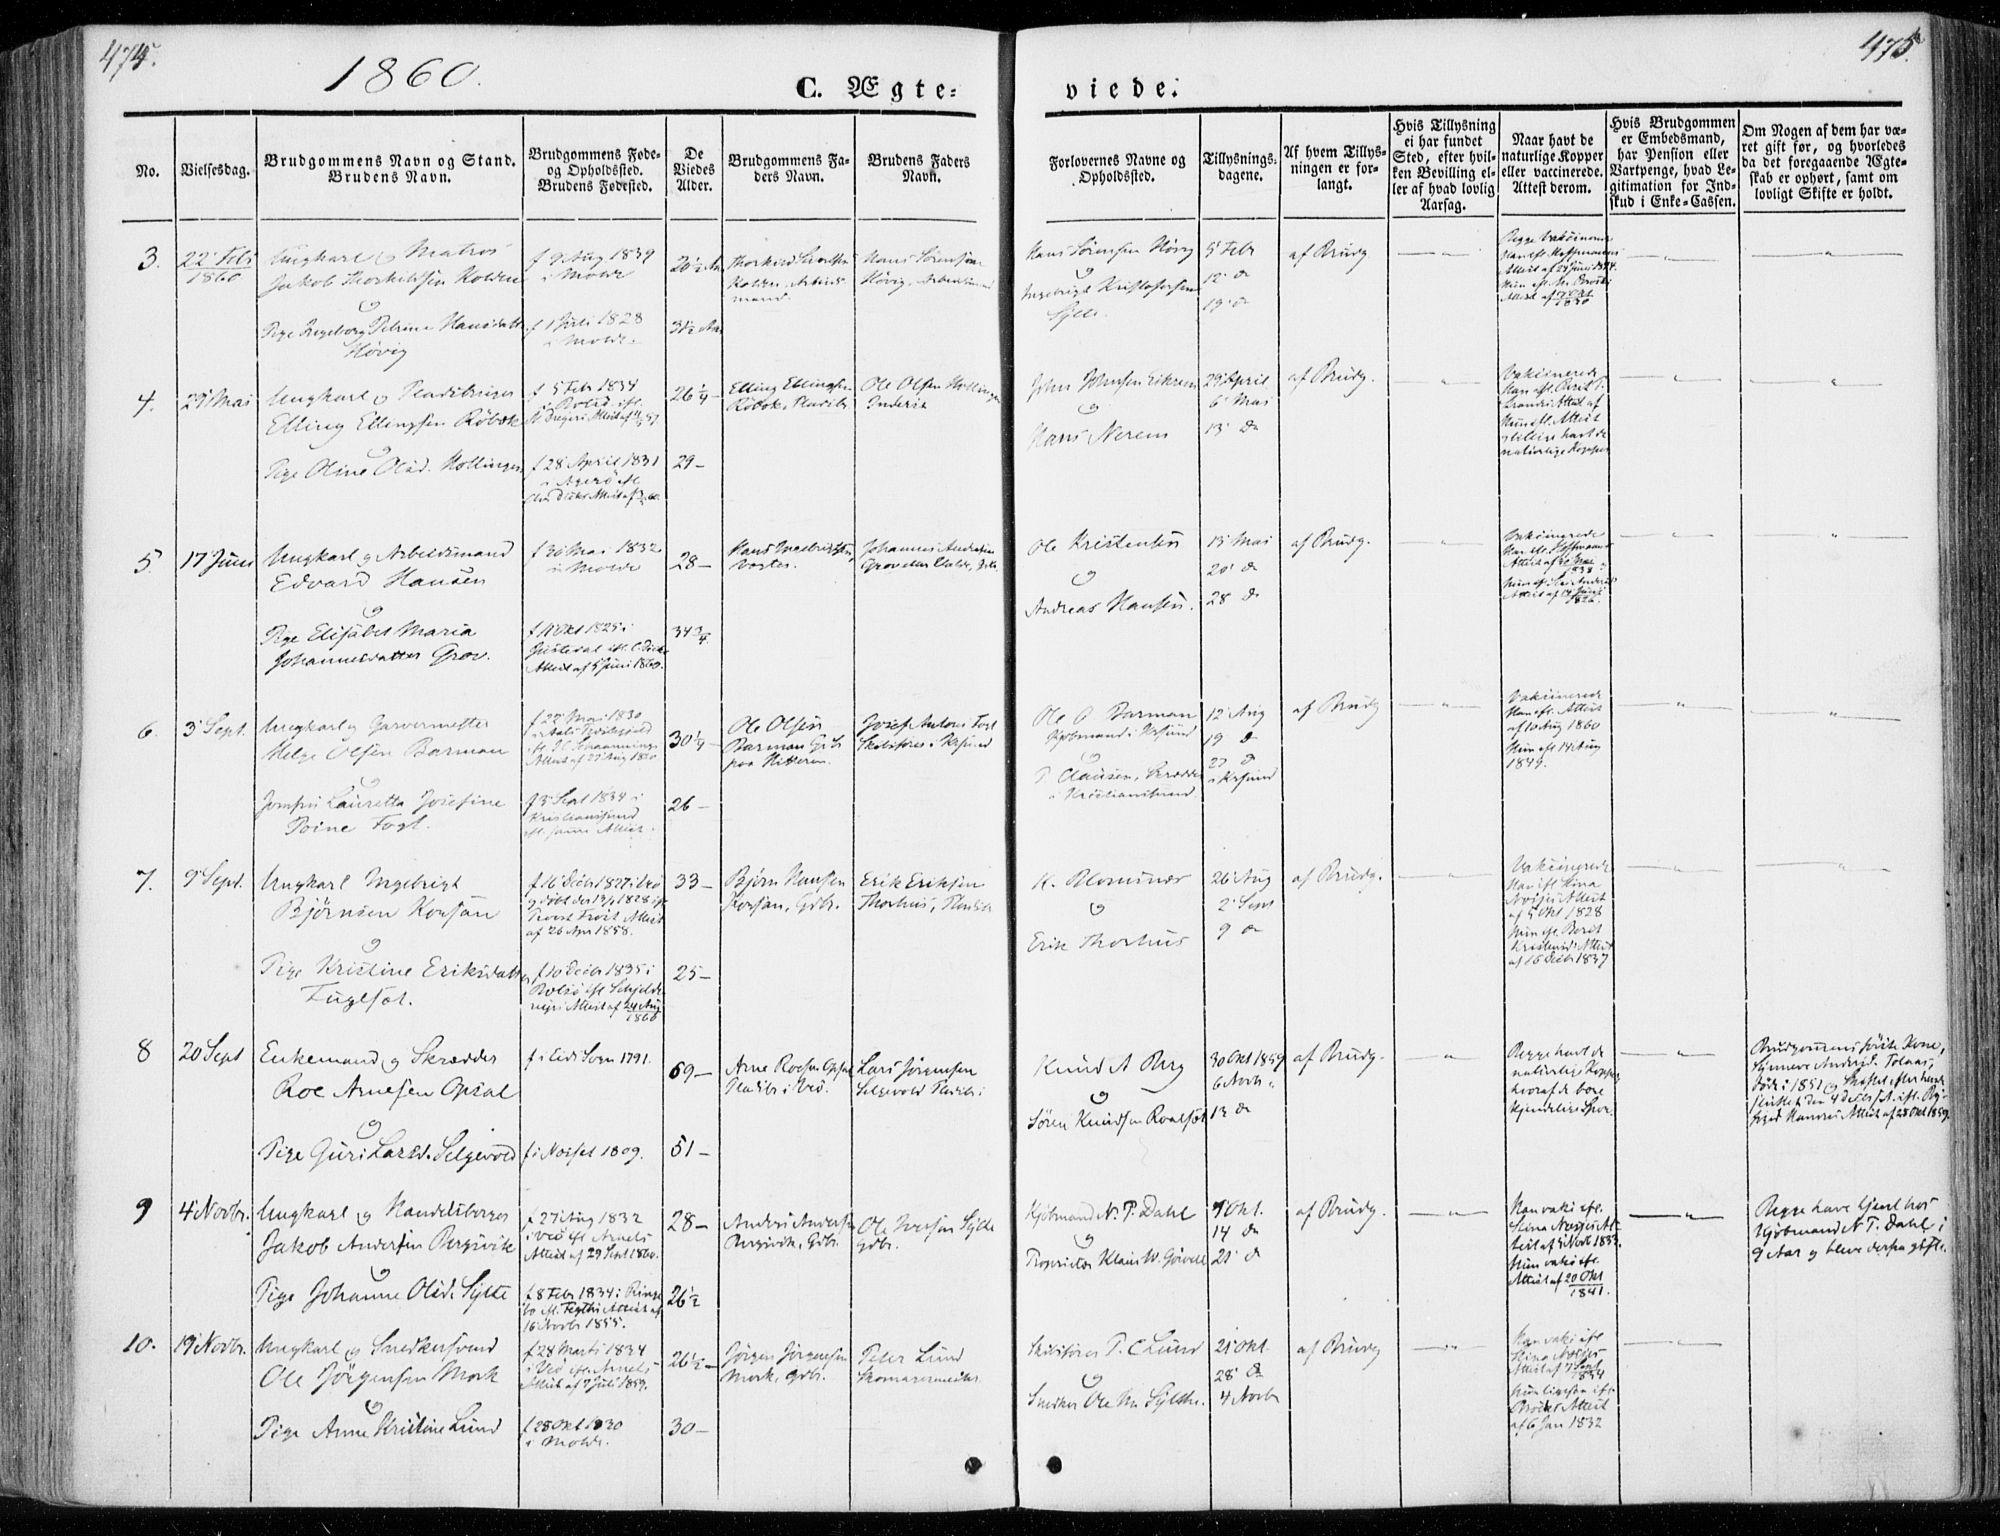 SAT, Ministerialprotokoller, klokkerbøker og fødselsregistre - Møre og Romsdal, 558/L0689: Ministerialbok nr. 558A03, 1843-1872, s. 474-475